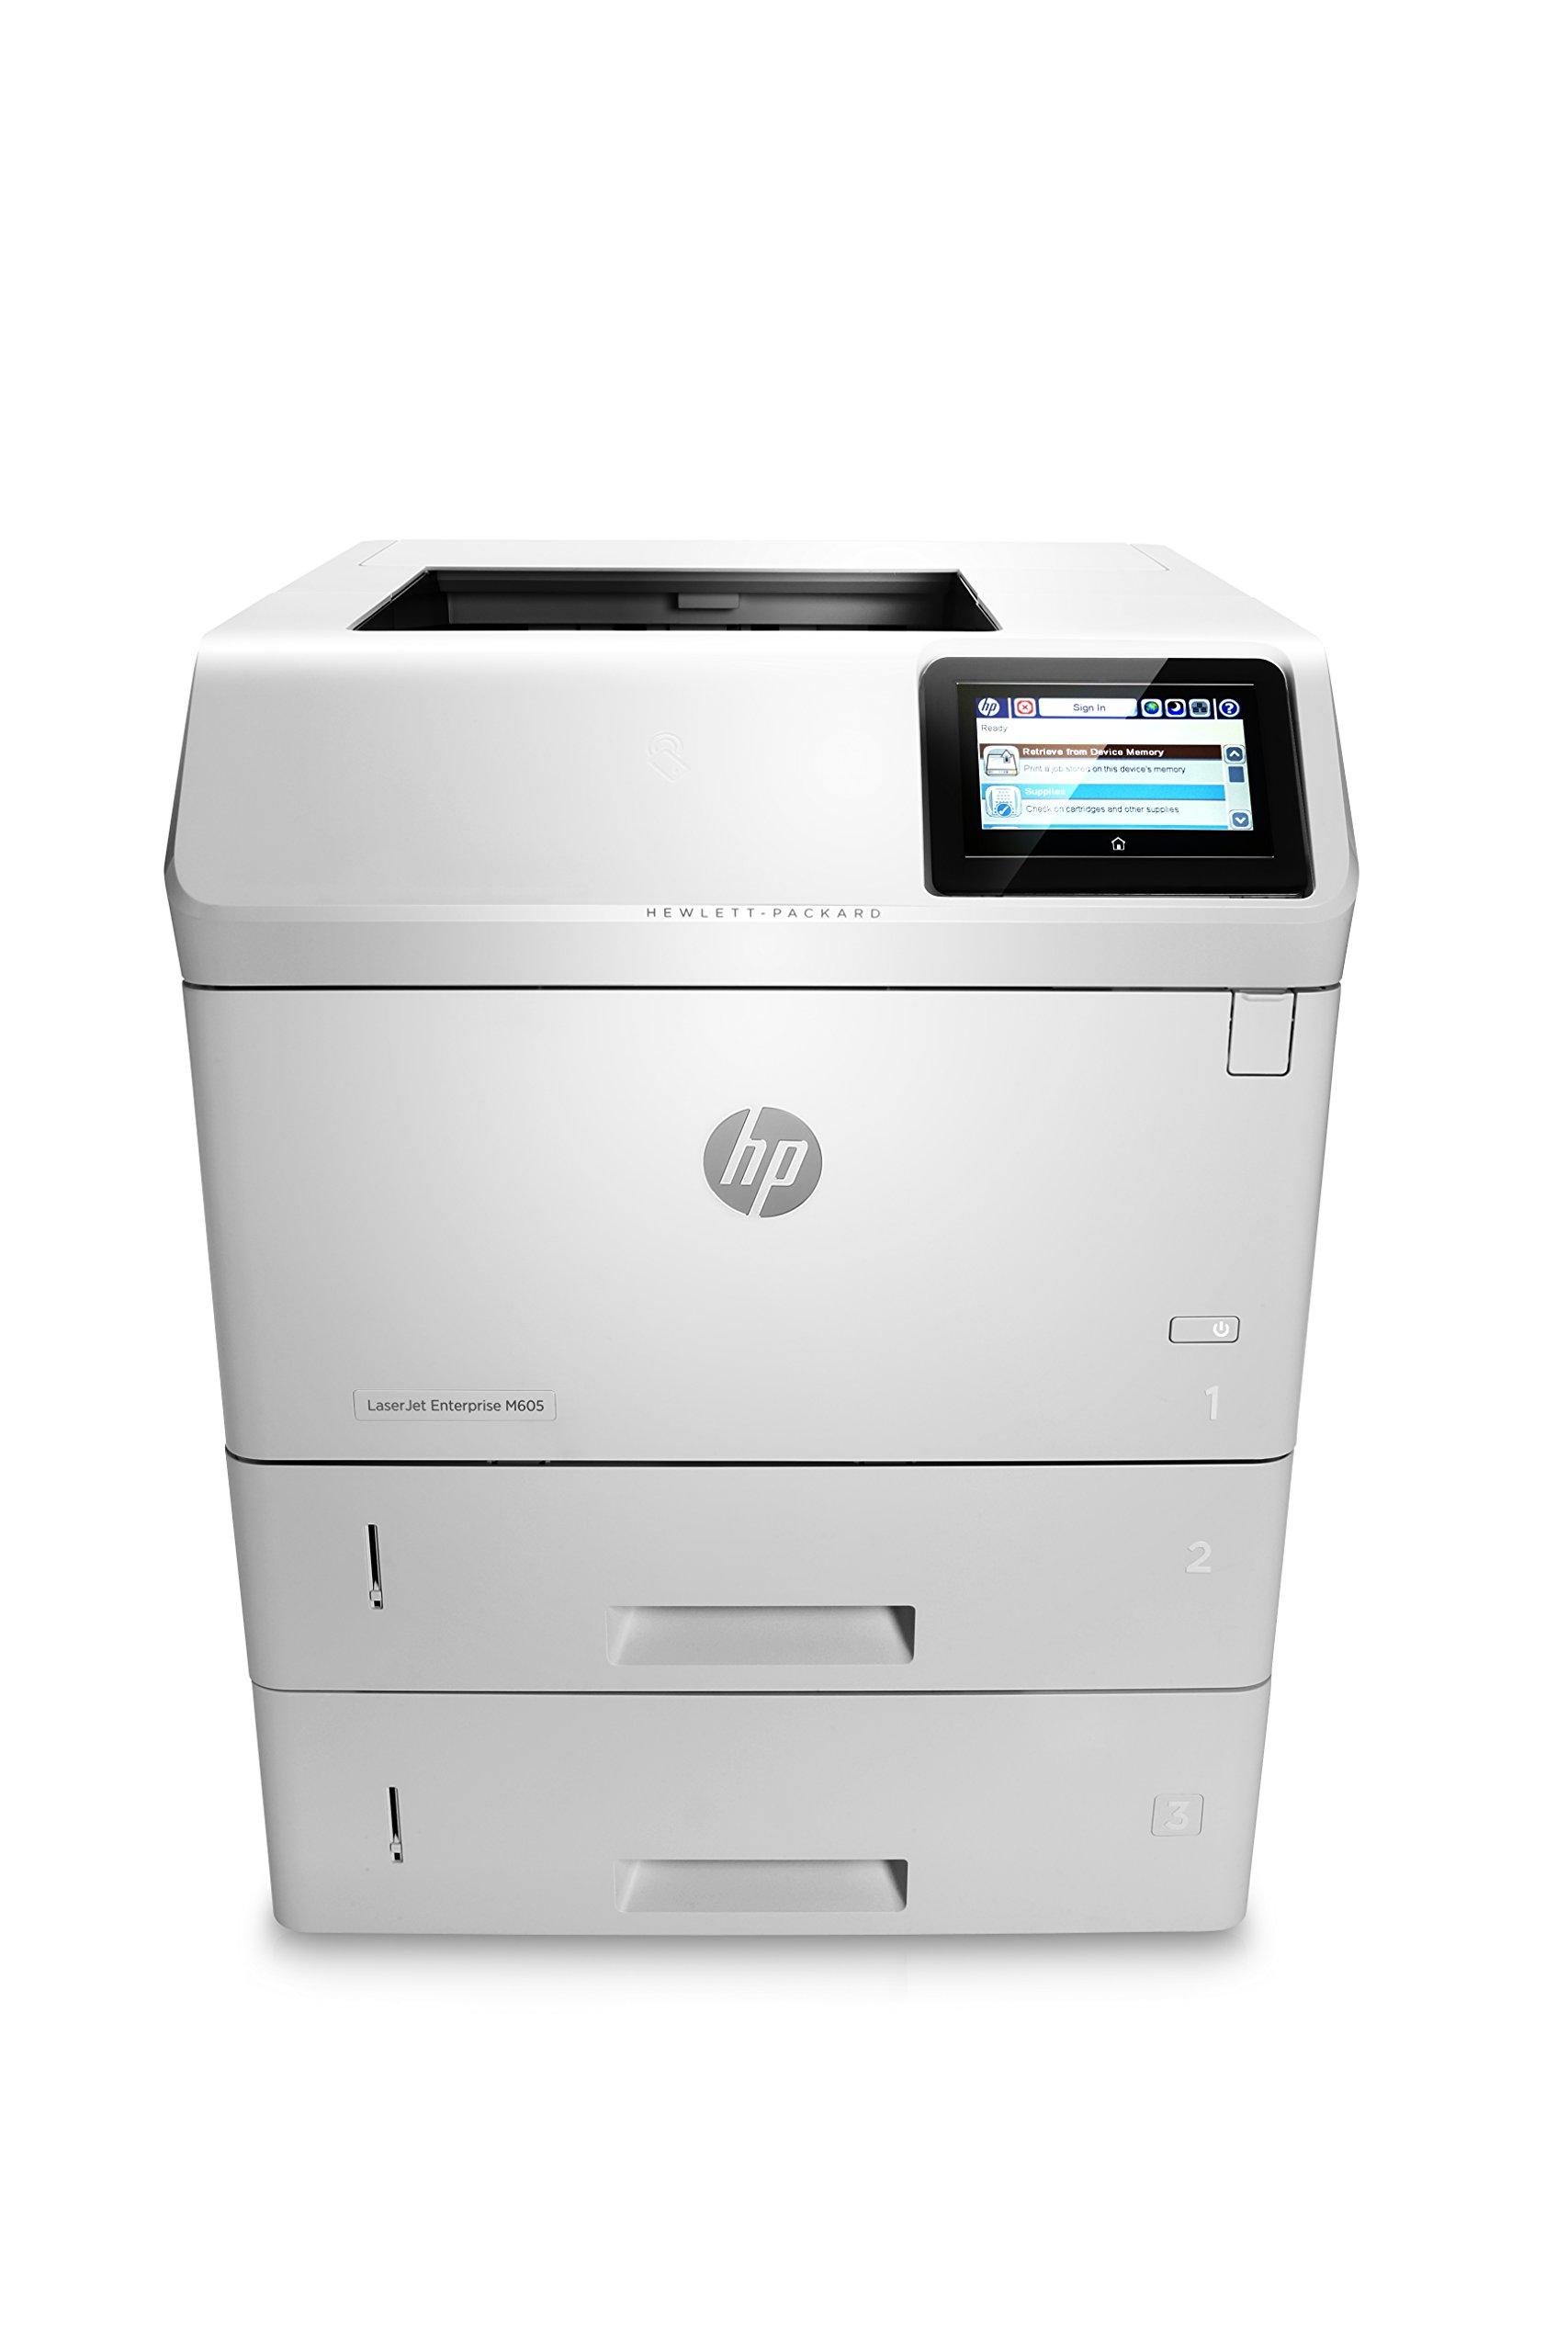 HP Monochrome LaserJet Enterprise M605x Printer w/ HP FutureSmart Firmware, (E6B71A#BGJ) by HP